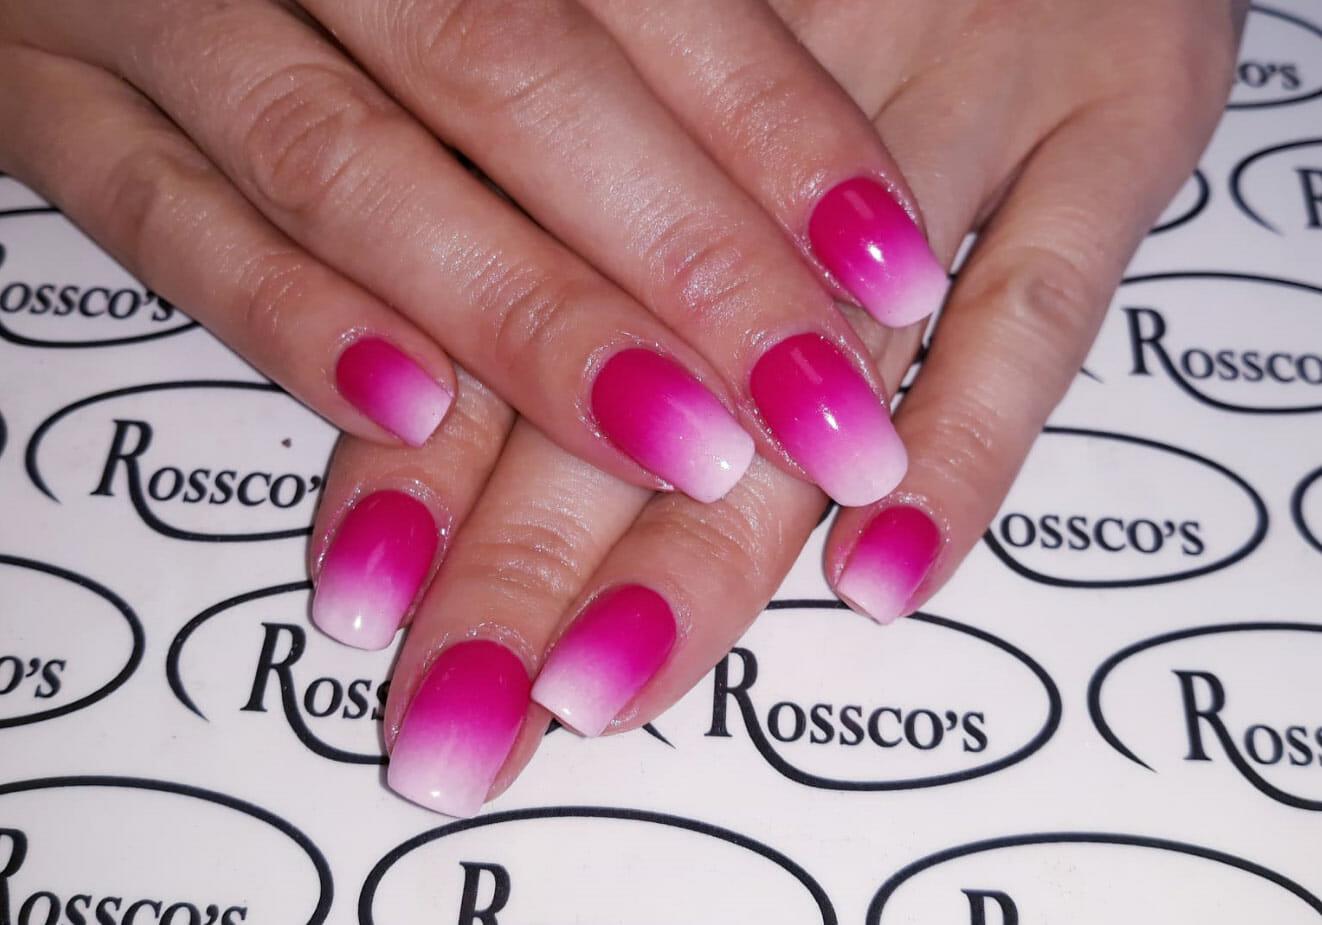 rosscoshairsalon new nail